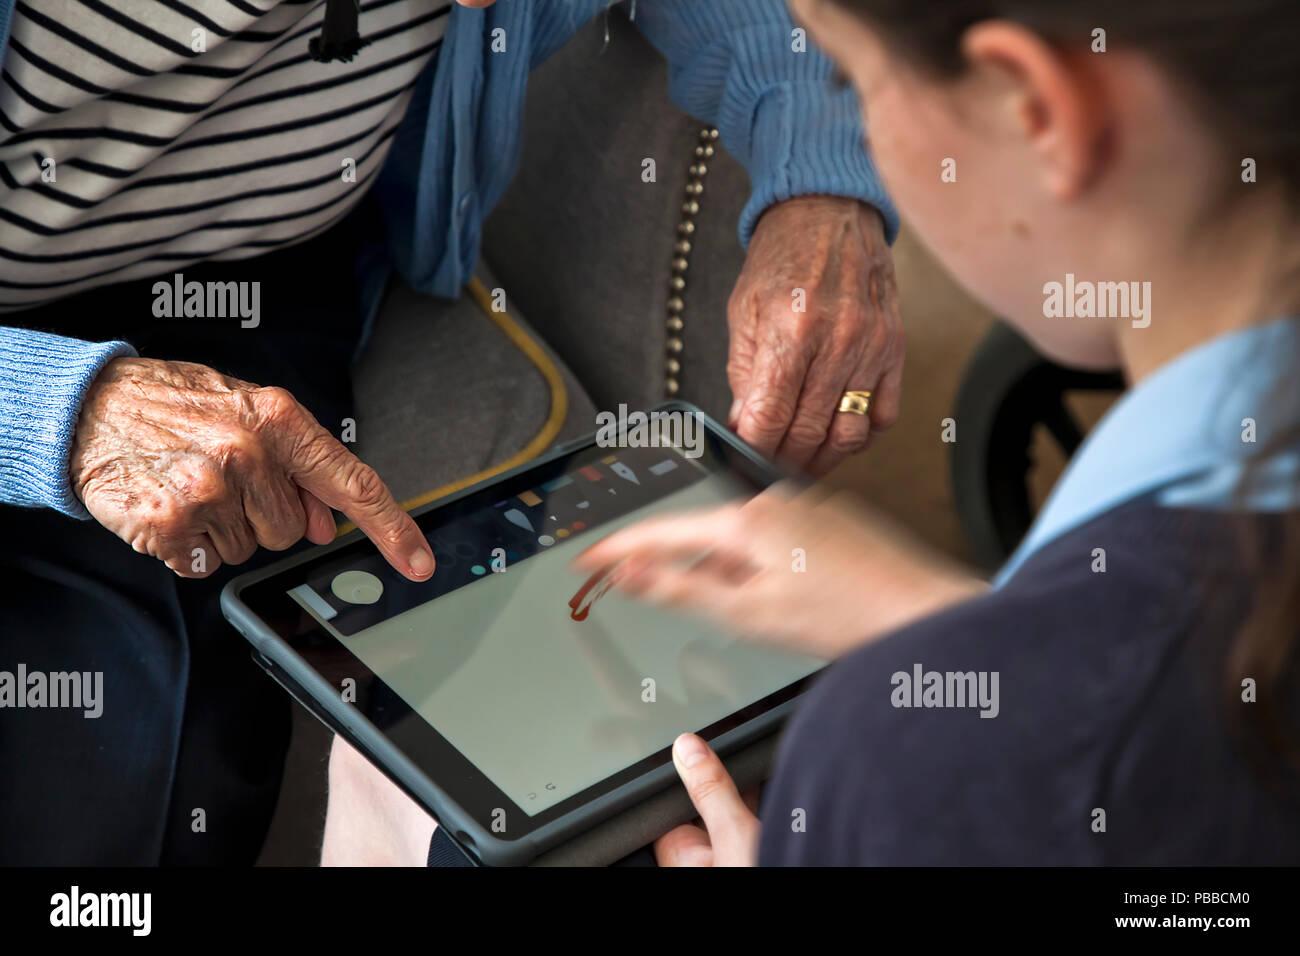 Junge Schulmädchen lehre es Fähigkeiten älterer Bürger auf Tablet über die Schulter pov Stockfoto